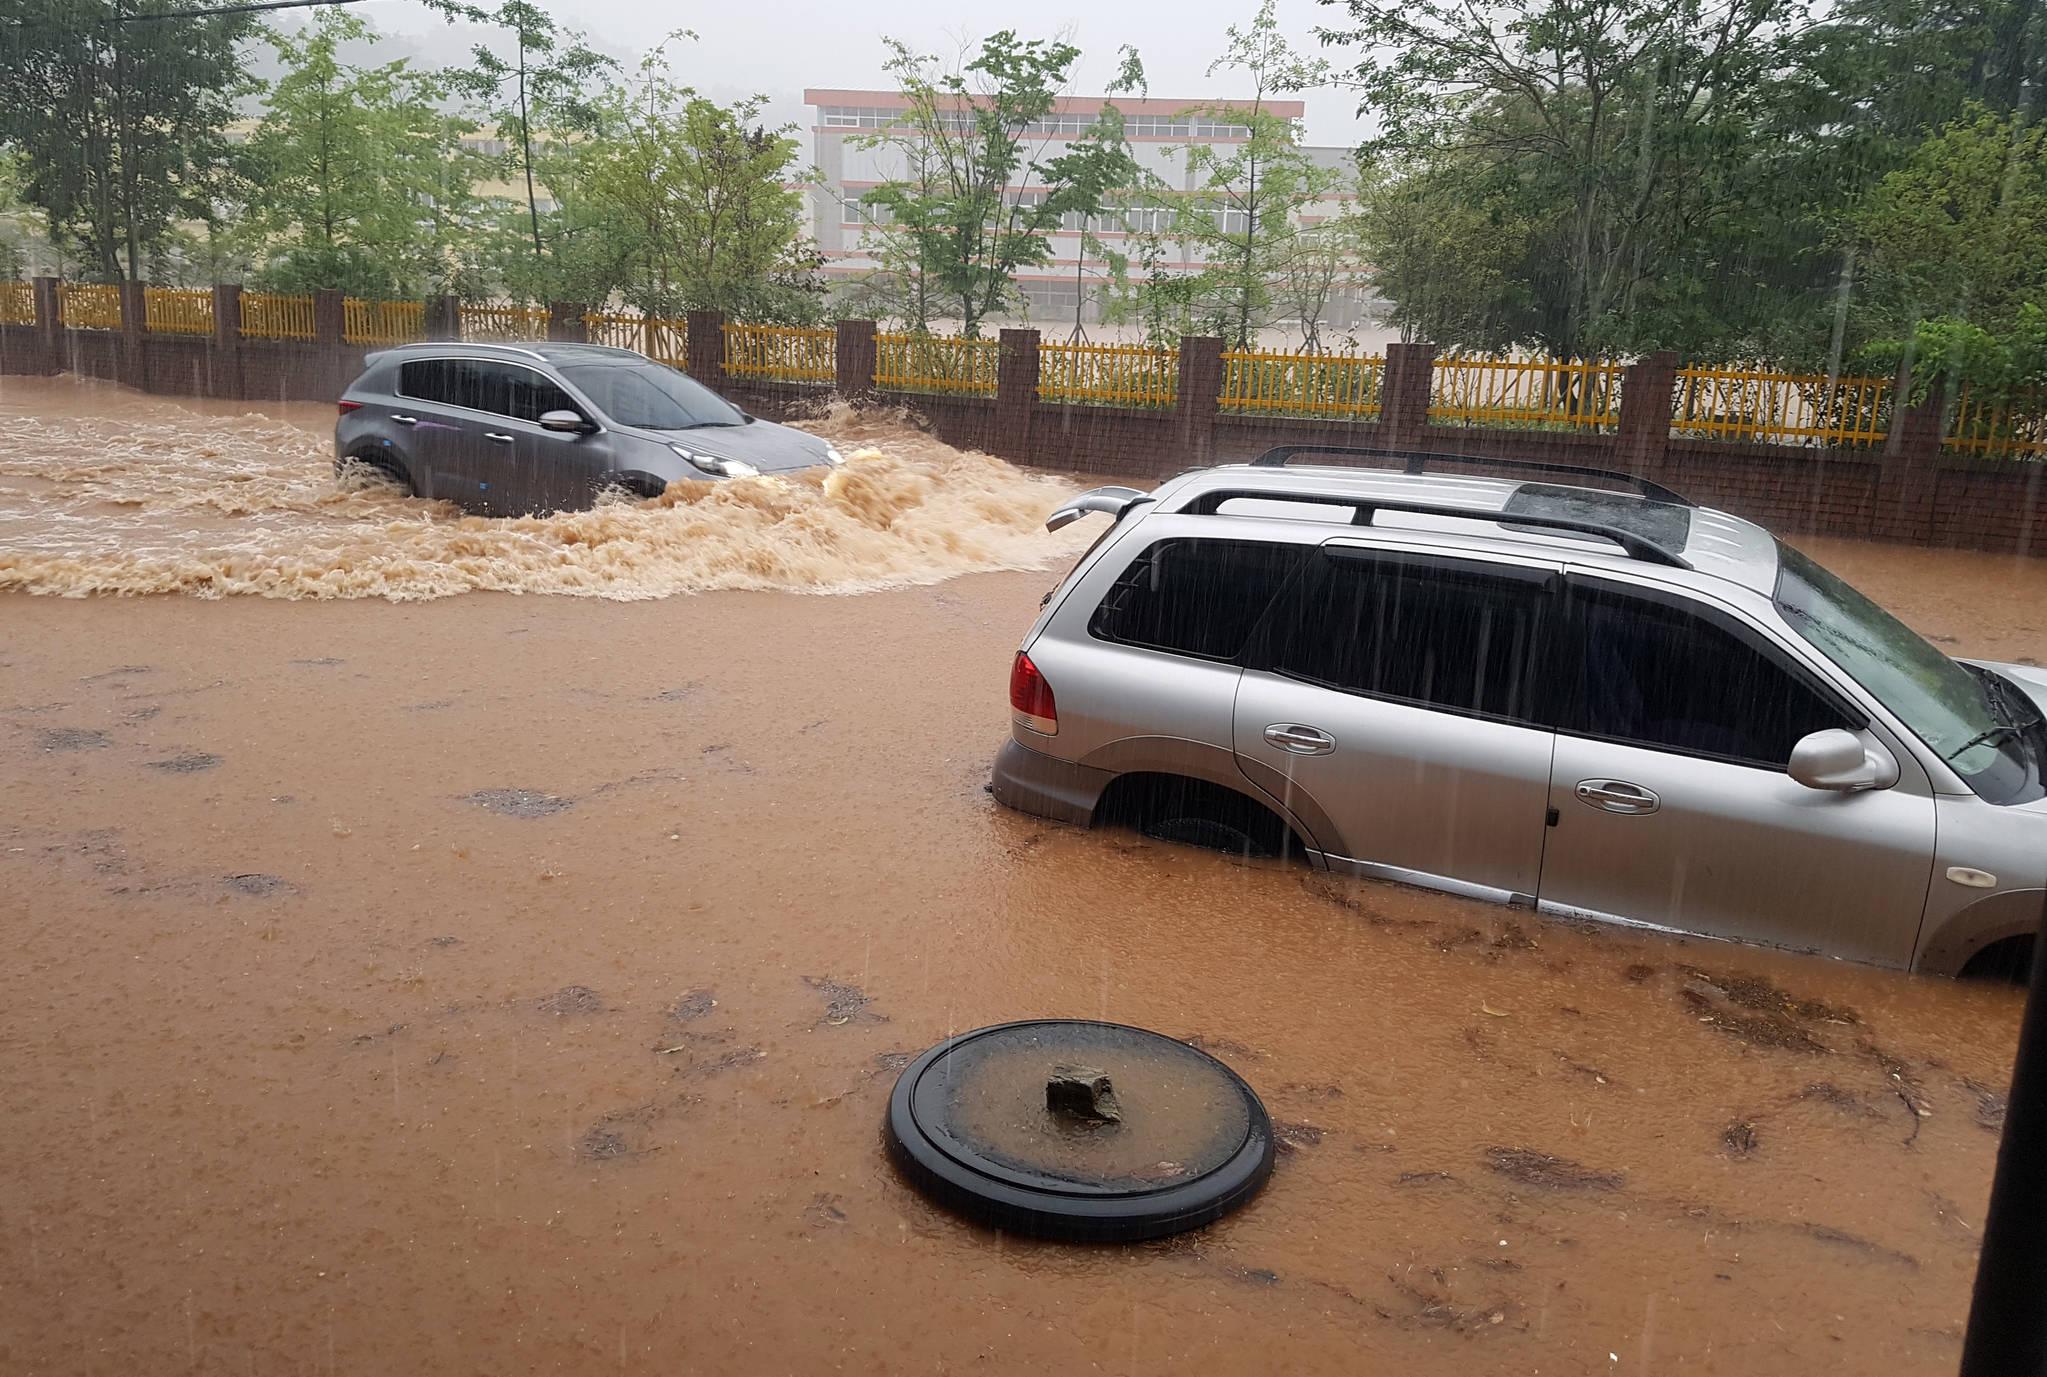 장마전선의 영향으로 남부지방에 많은 비가 내린 1일 오전 전남 보성군 보성읍의 한 도로가 침수돼 차량들이 거북이 운행을 하고 있다. [연합뉴스]